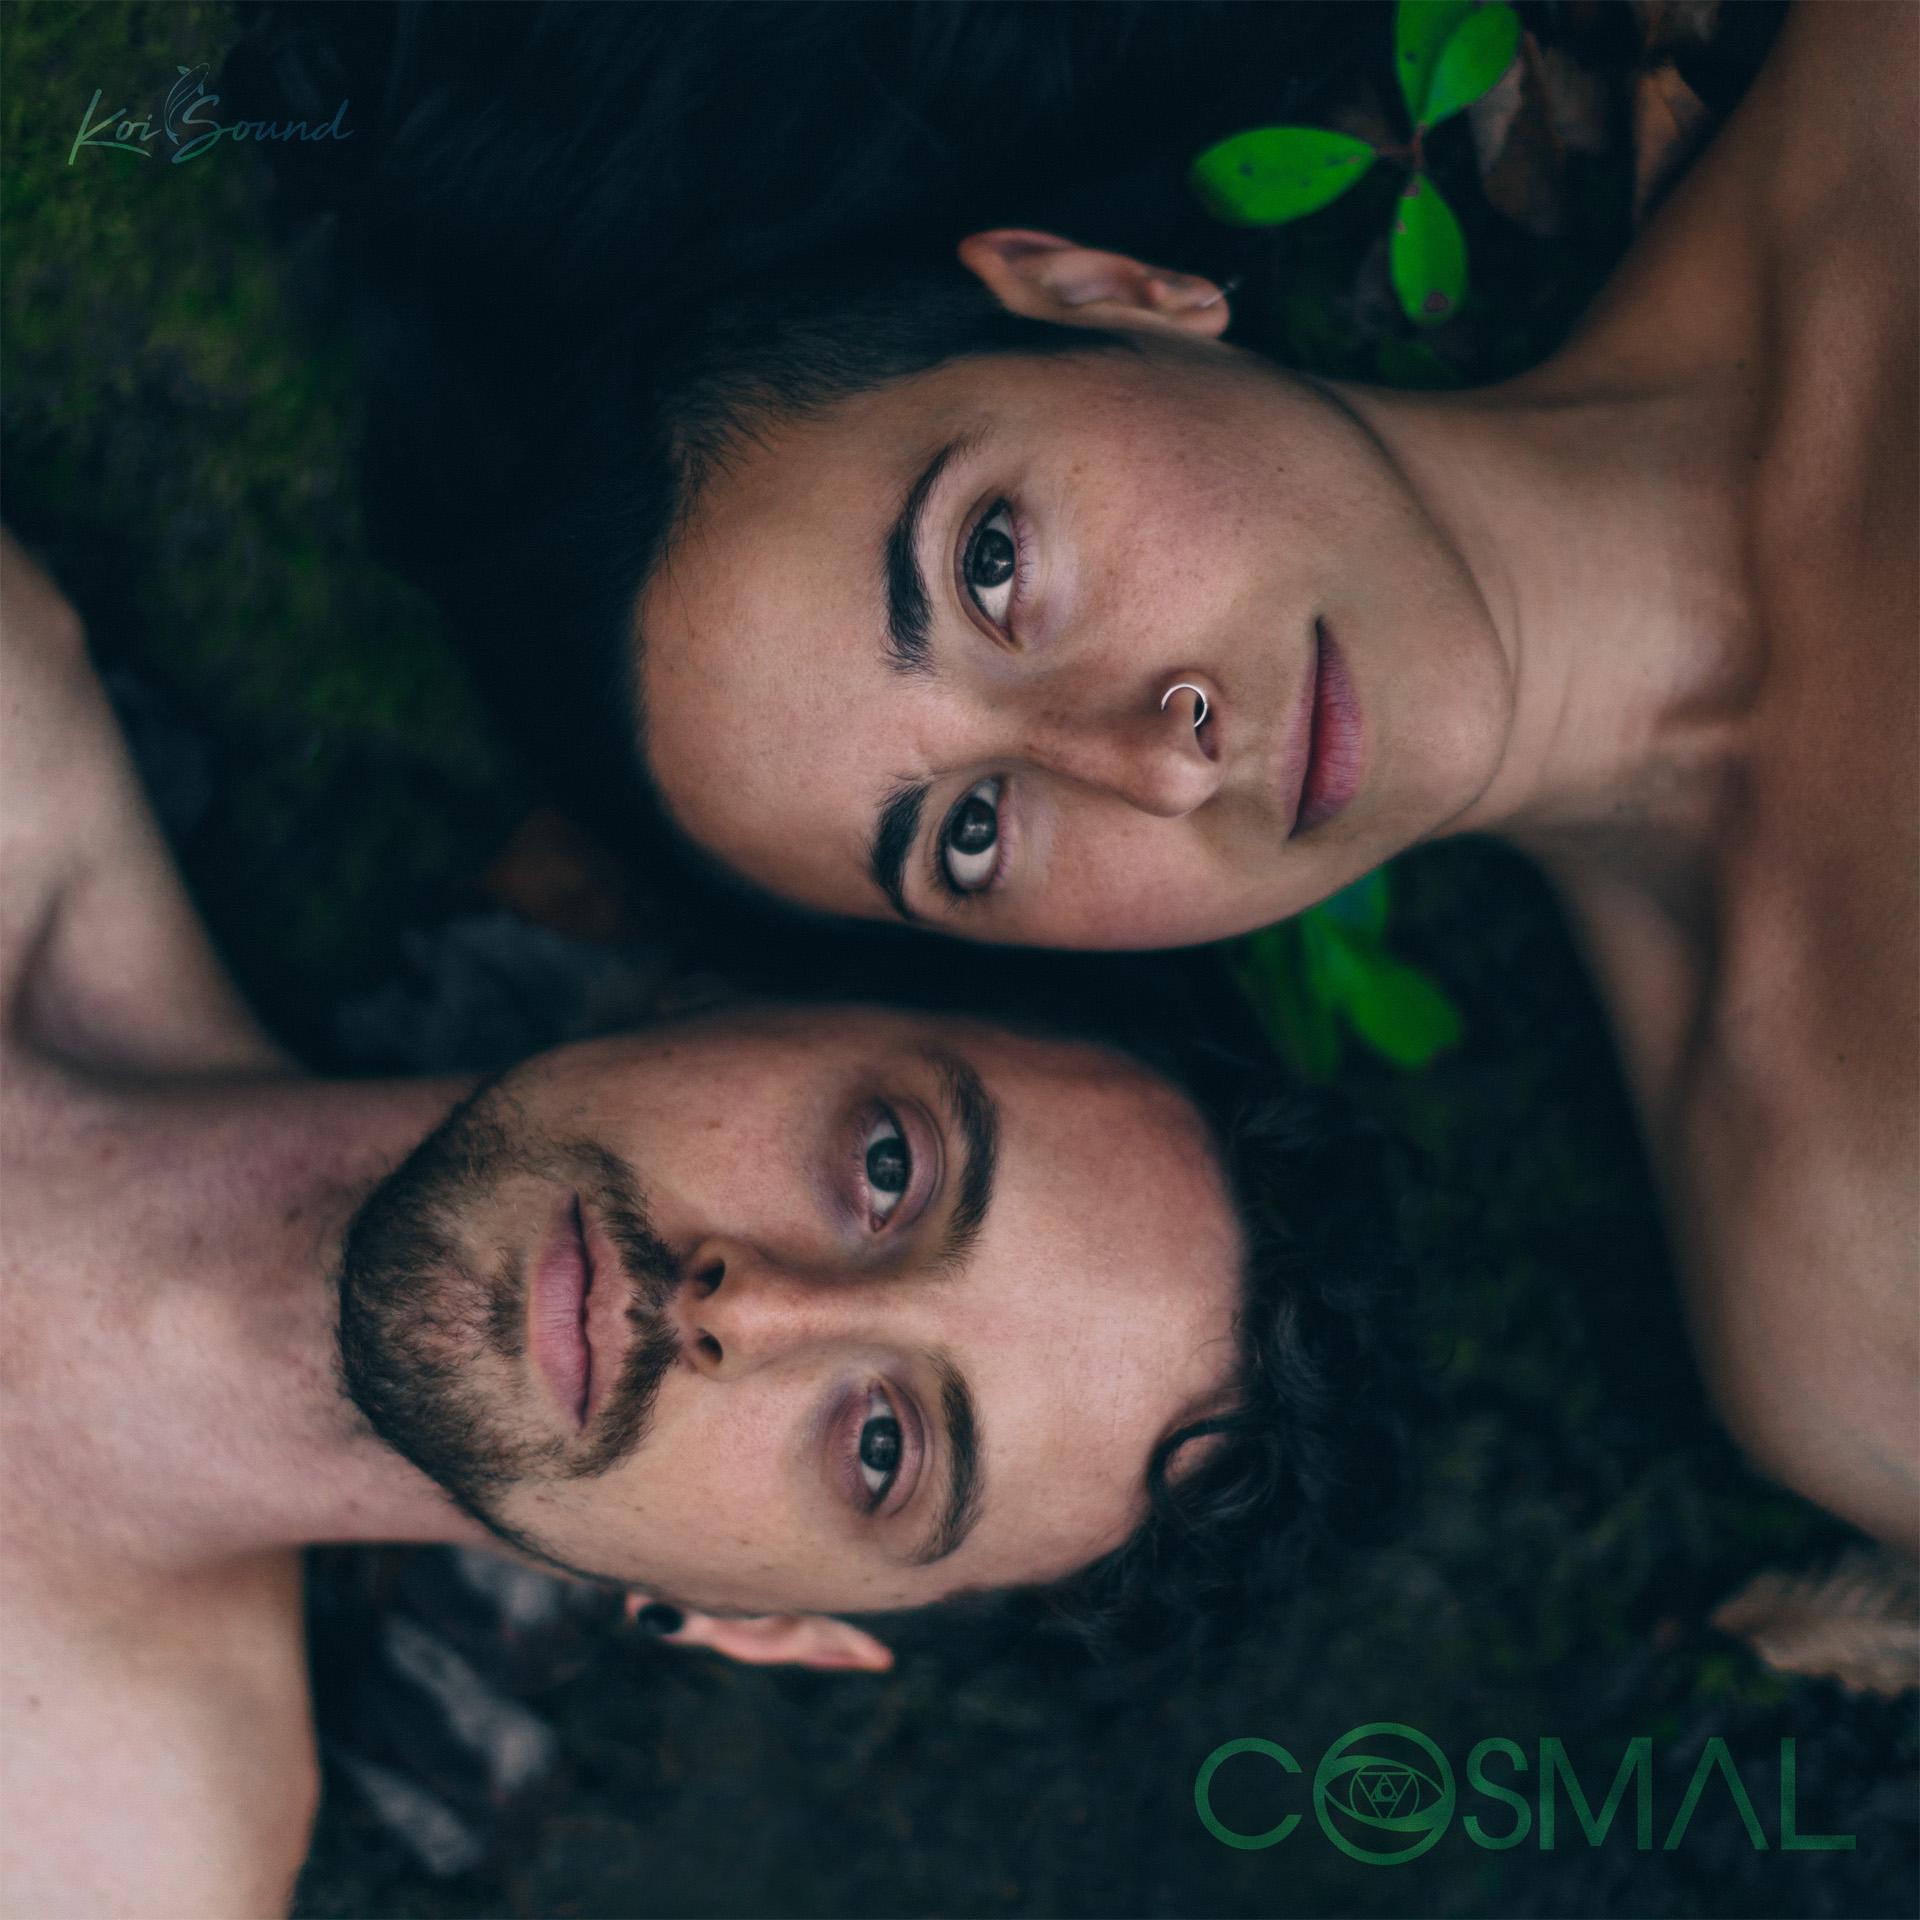 COSMAL LP Artwork